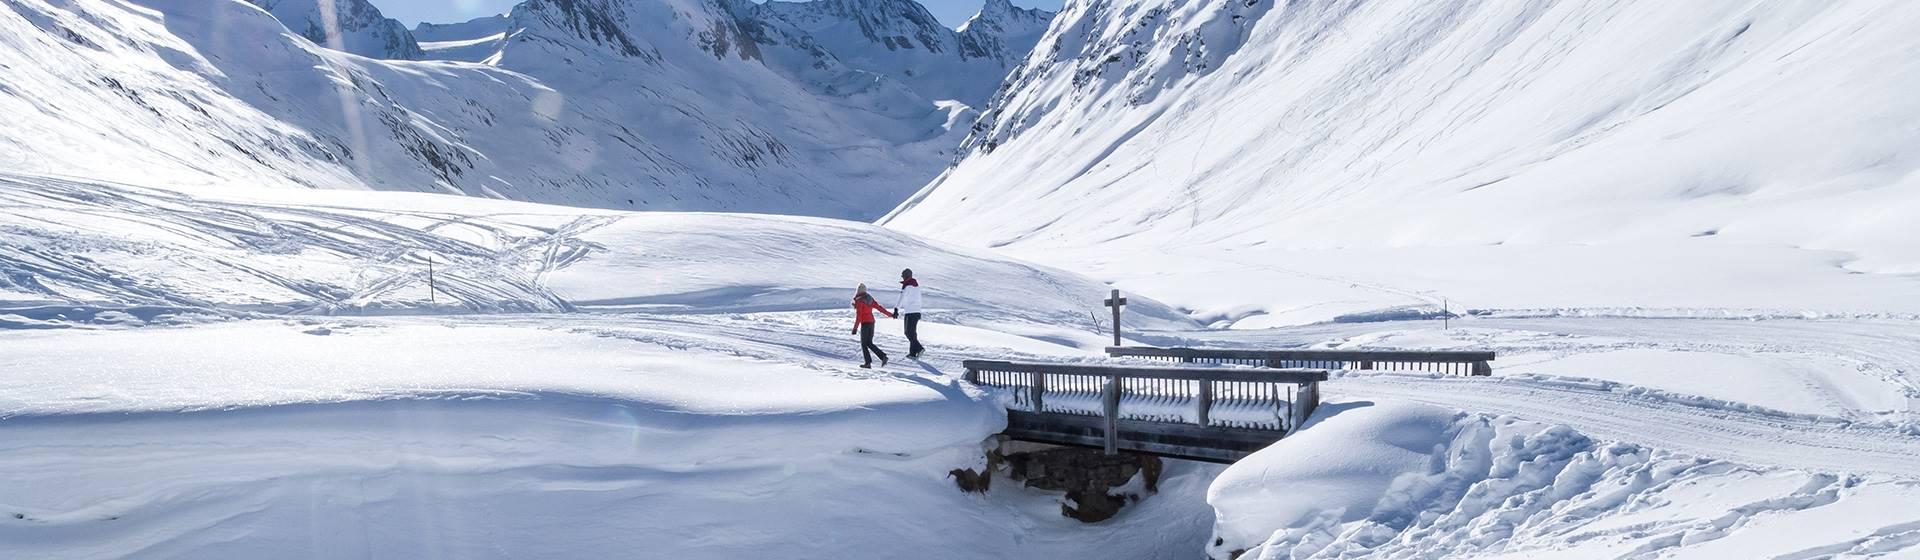 Paar wandert in Winterlandschaft Richtung Schönwieshütte